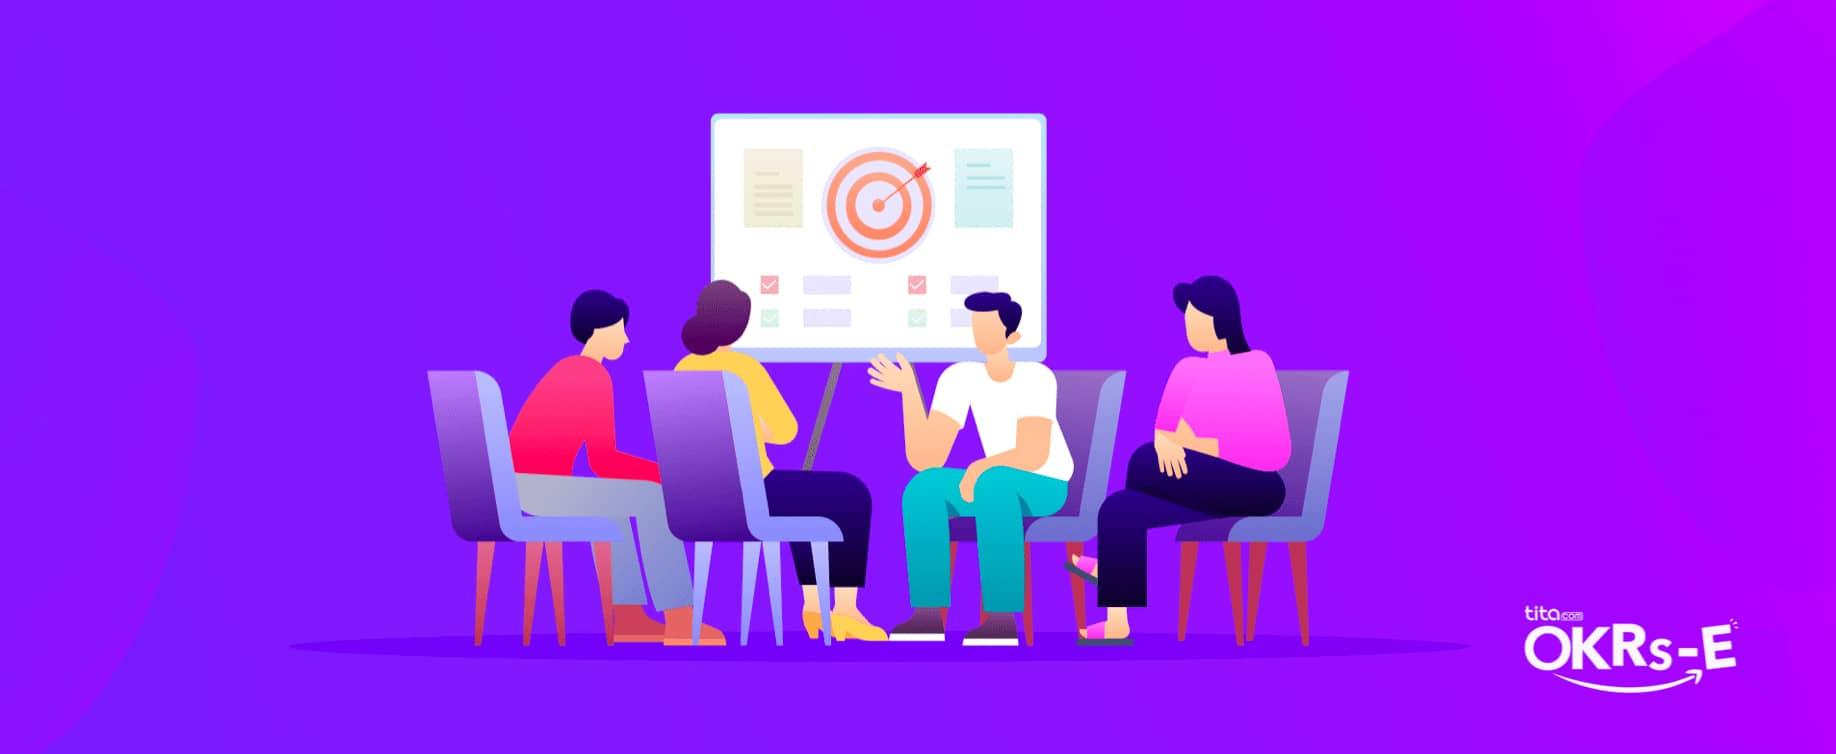 如何组织绩效评估